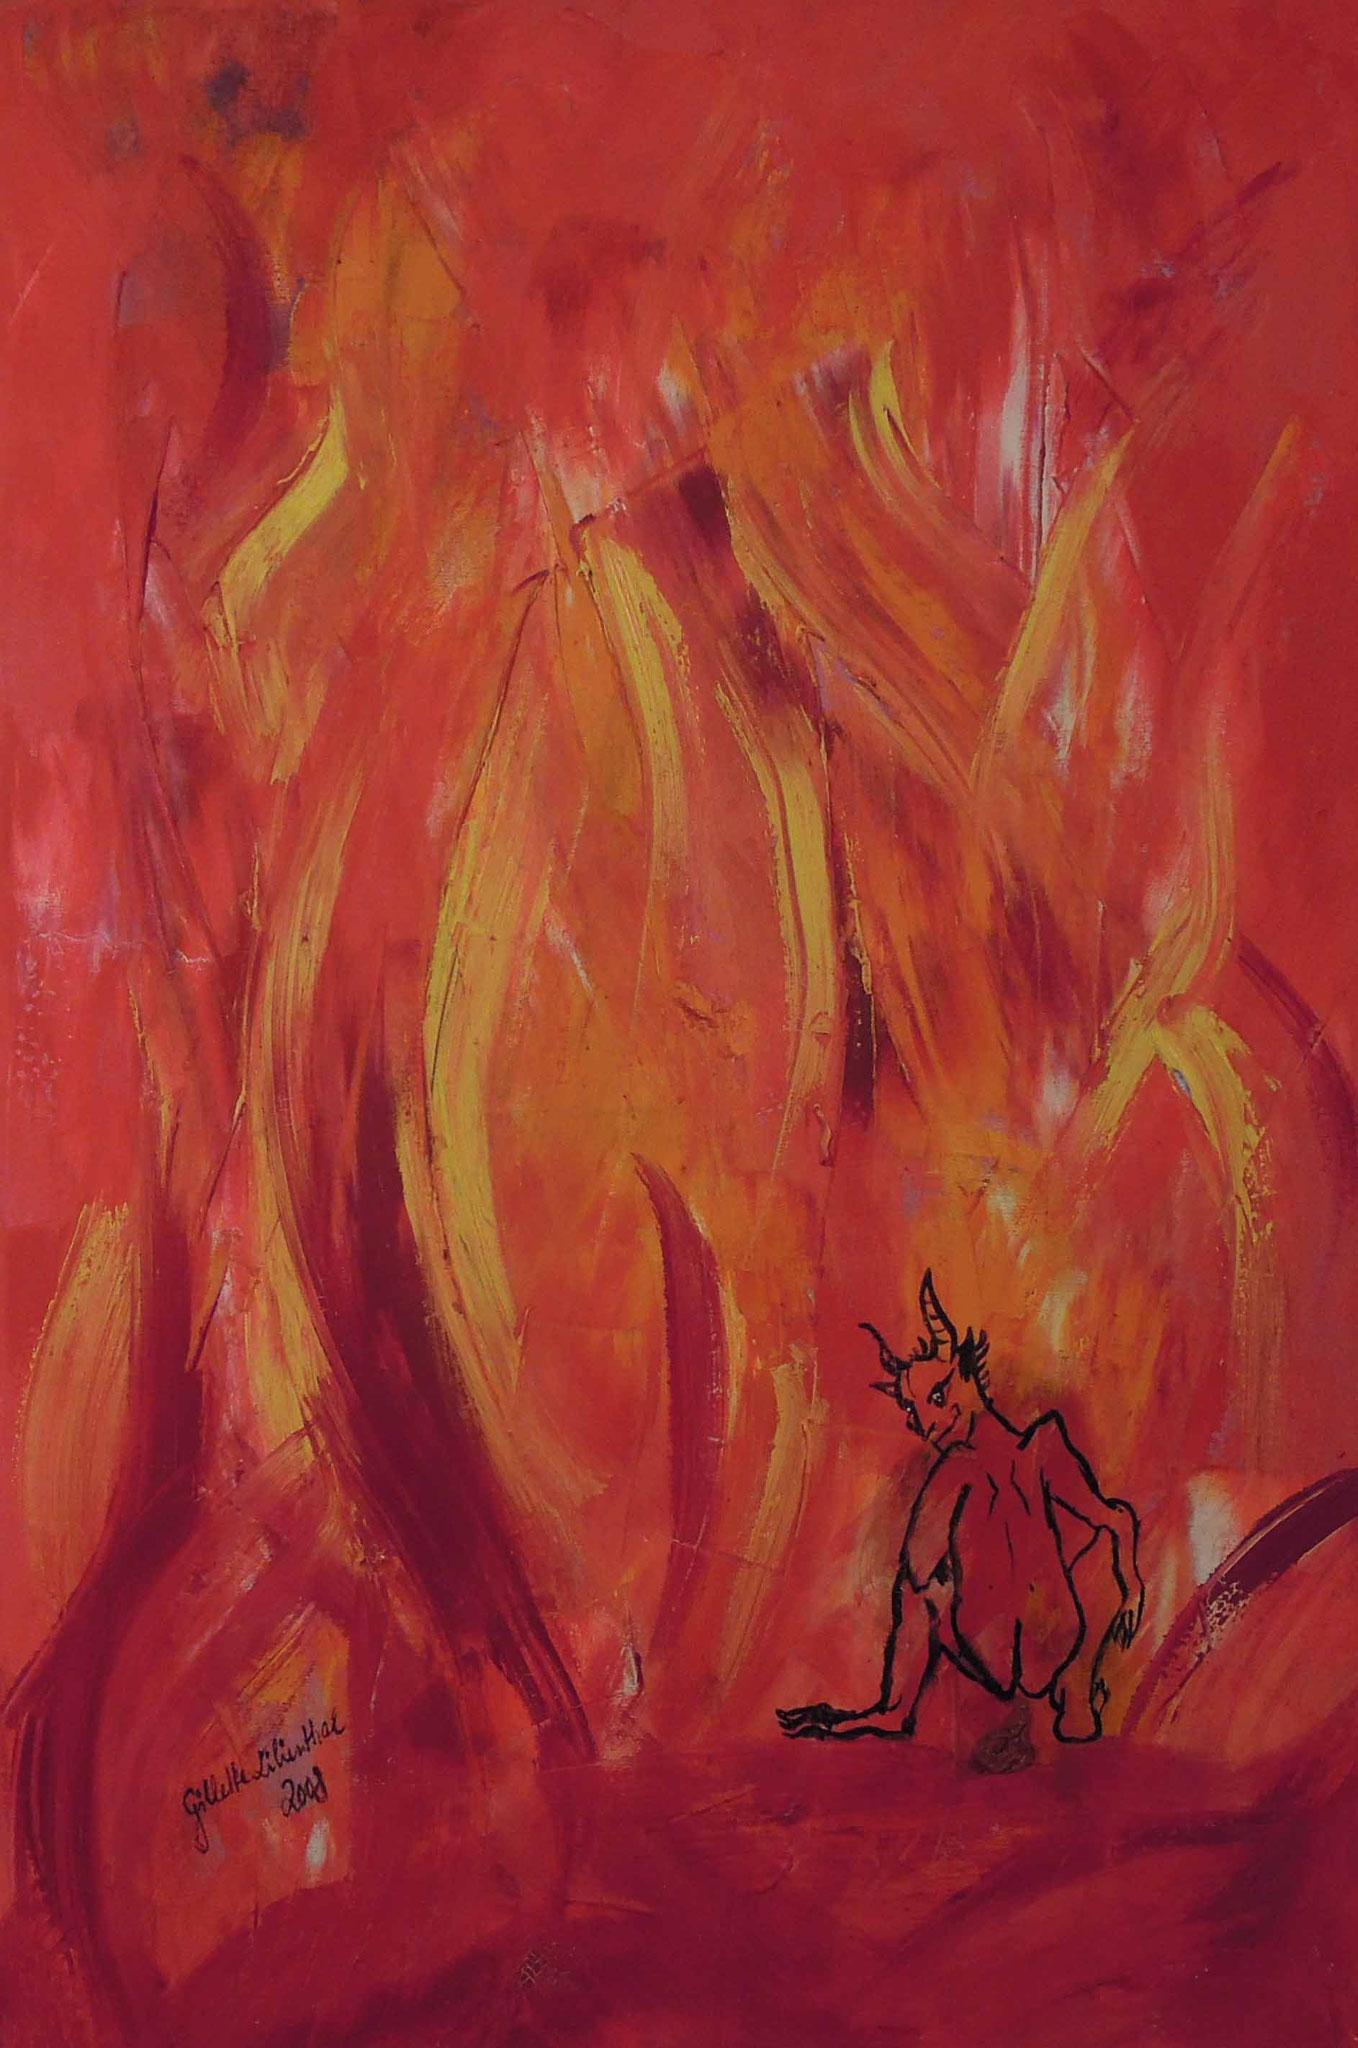 Der Teufel kackt immer auf die gleiche Stelle - Öl auf Leinwand 40 x 60 cm